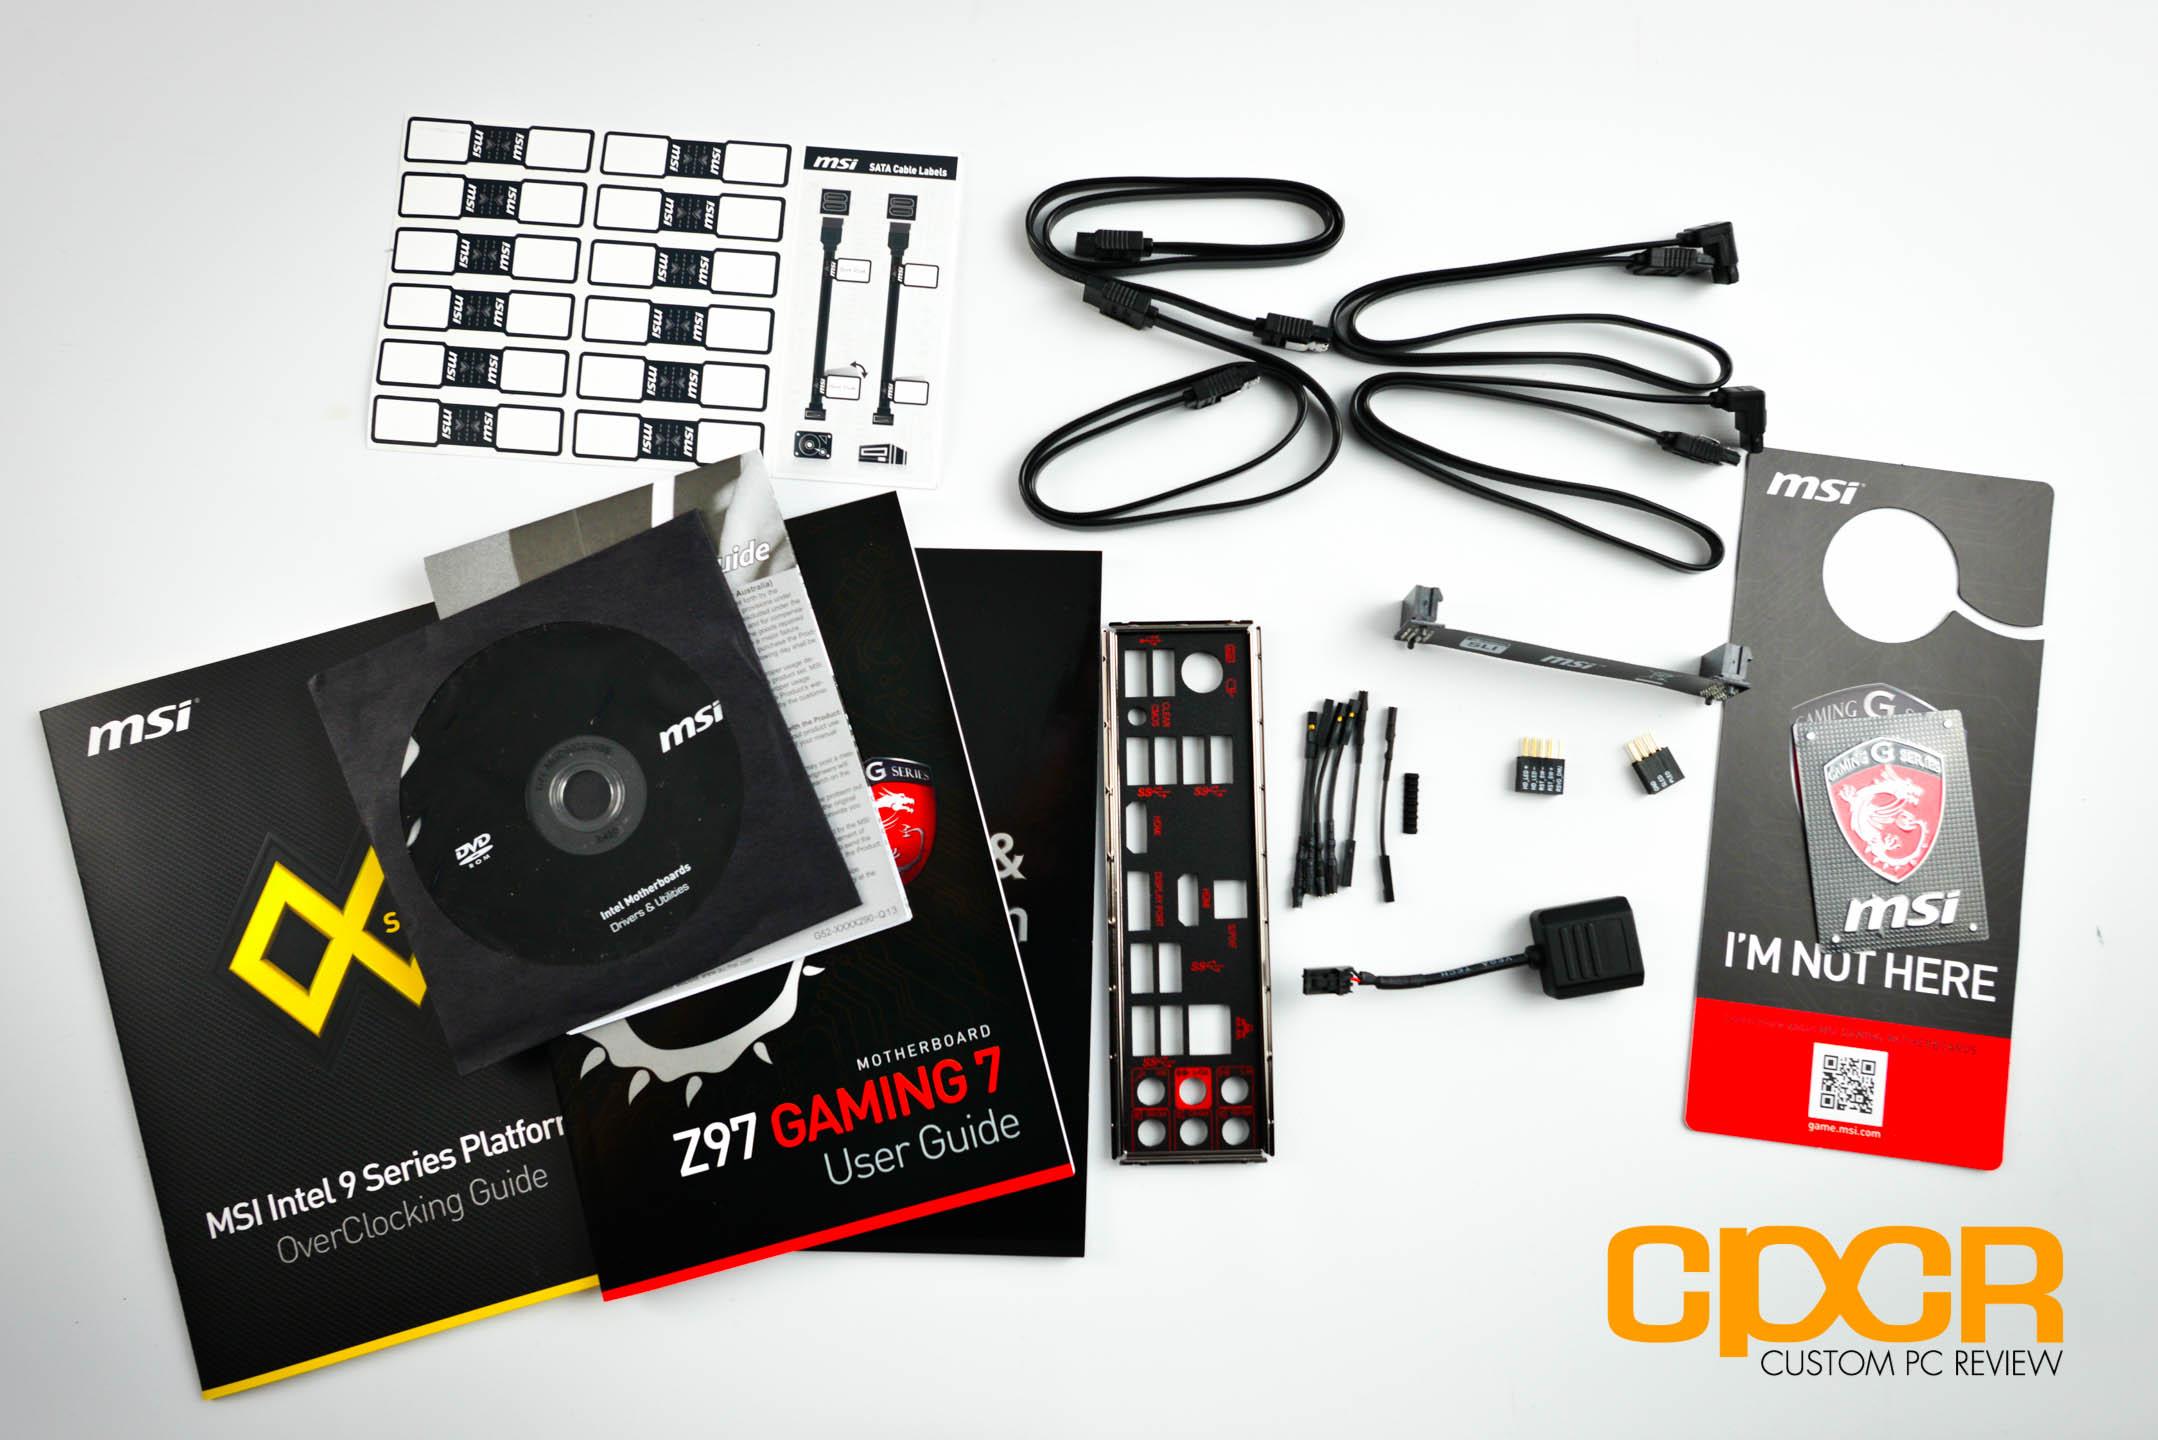 Review: MSI Z97 Gaming 7 LGA 1150 Motherboard | Custom PC Review